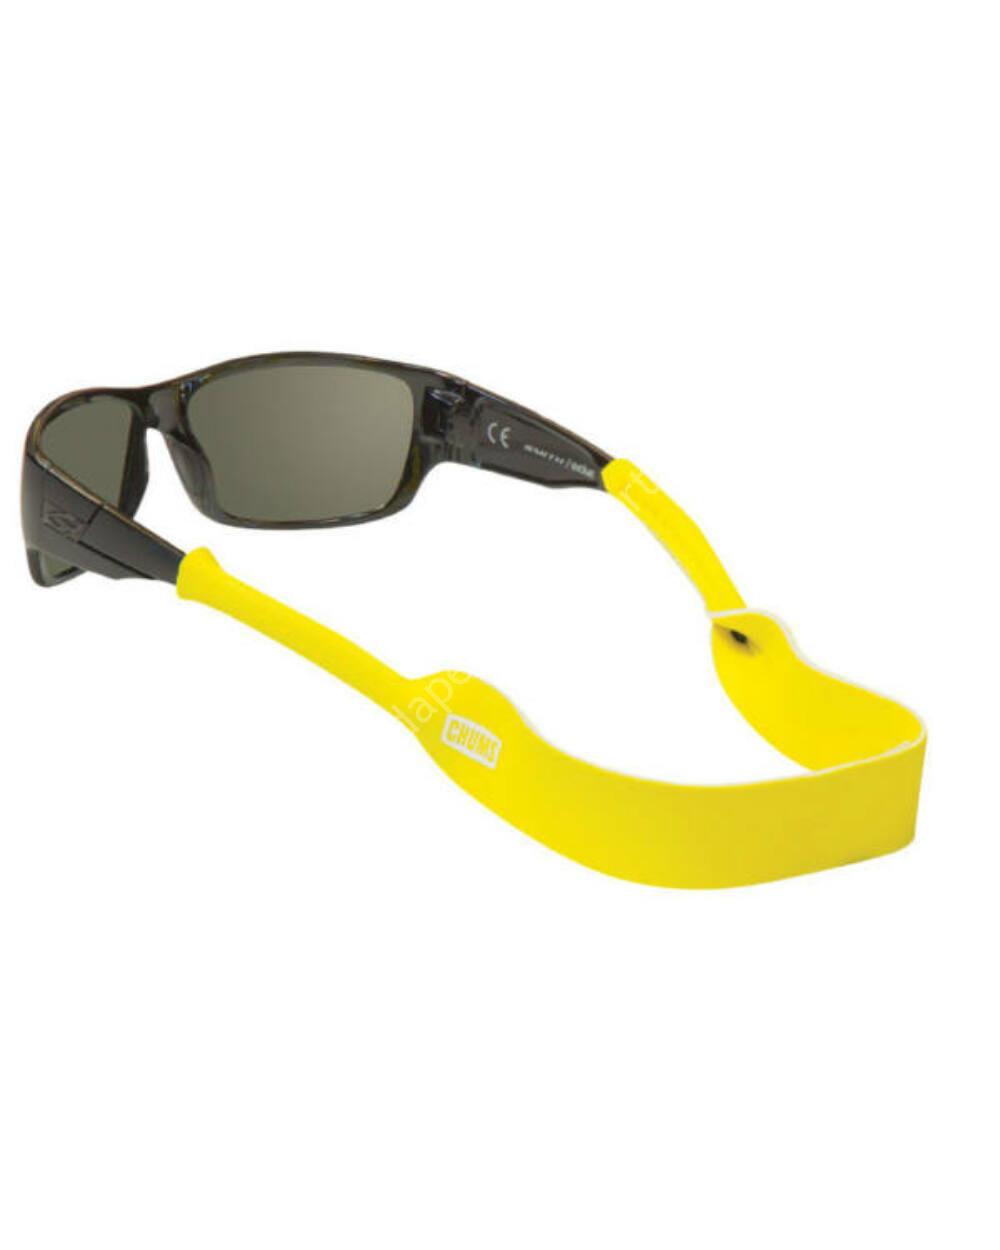 Chums Neoprene Classic Solids szemüvegpánt, citromsárga